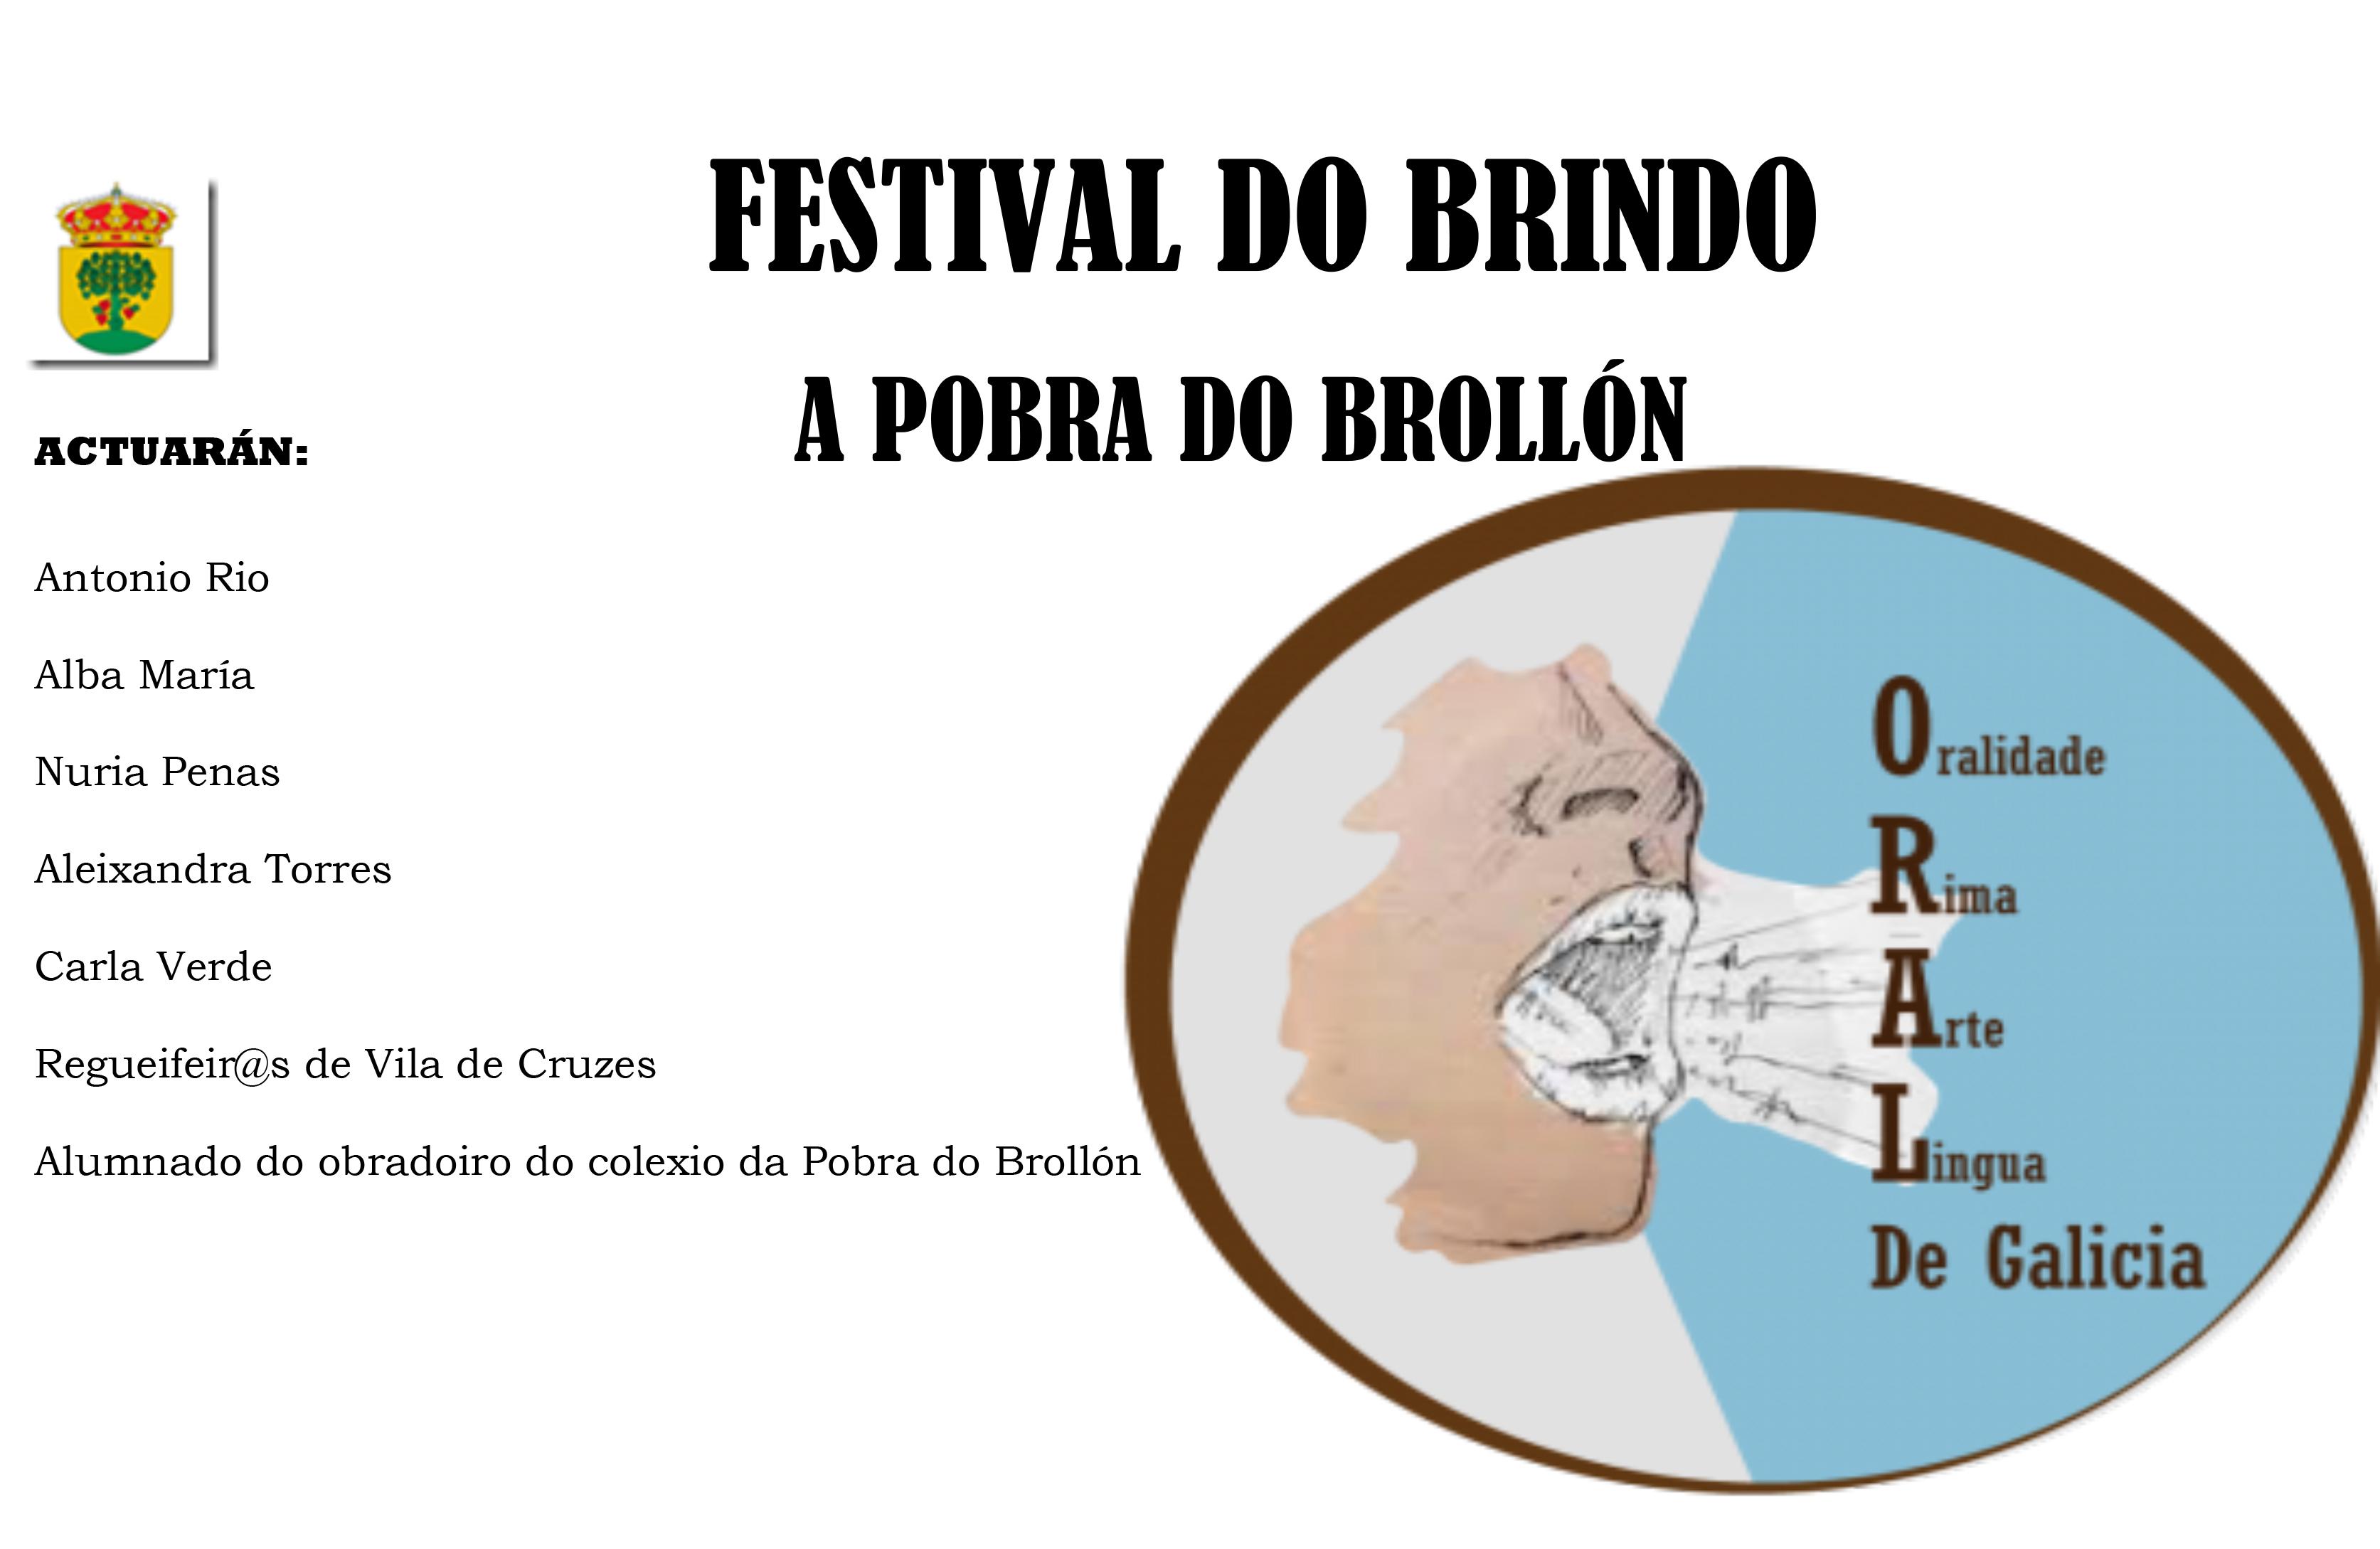 El día 5 de abril se celebrará el Festival do Brindo